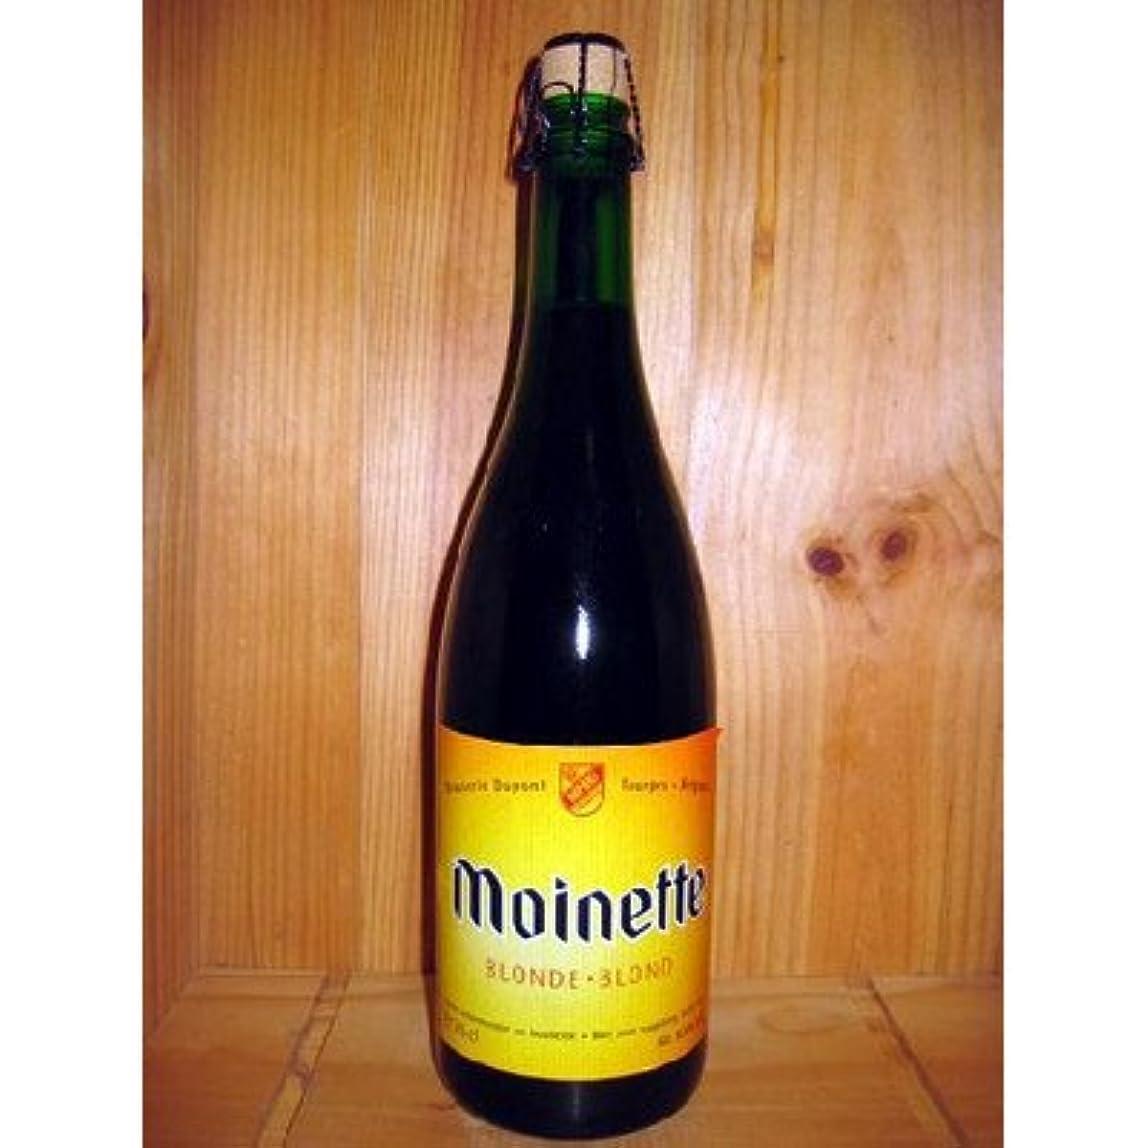 休み活発緩めるベルギービール モアネット ブロンド750ml